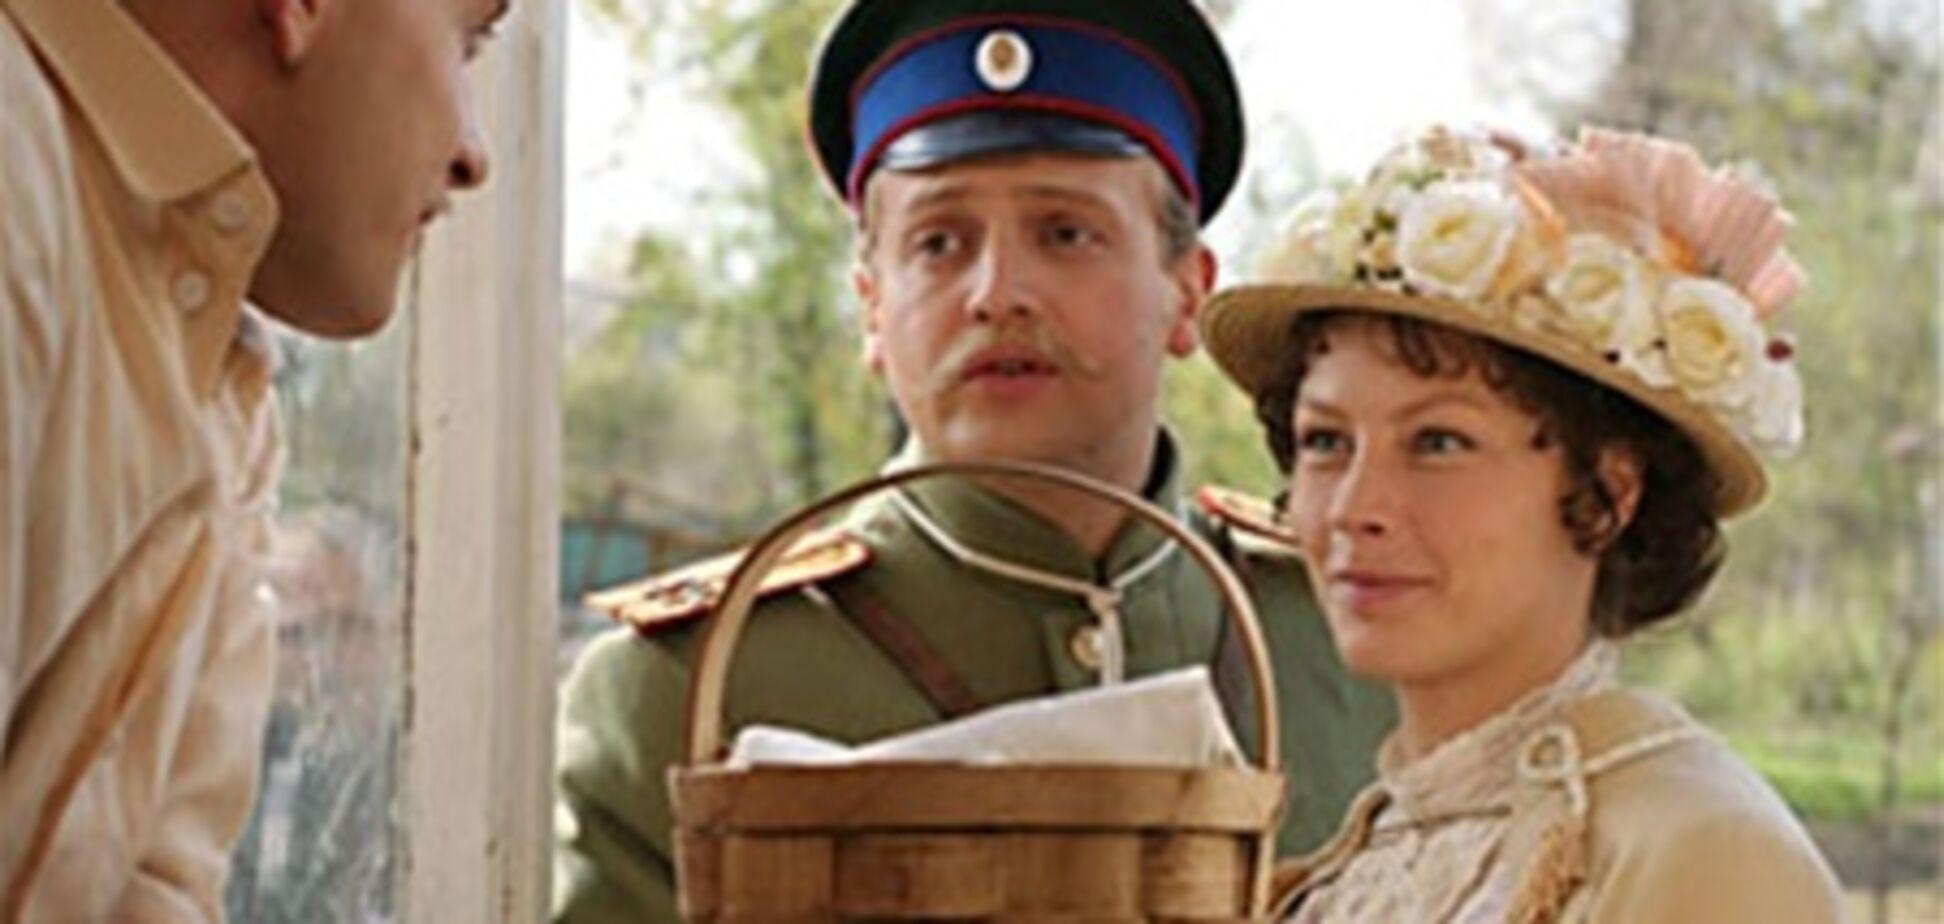 Сьогодні на 'Молодості' покажуть останній фільм Богдана Ступки